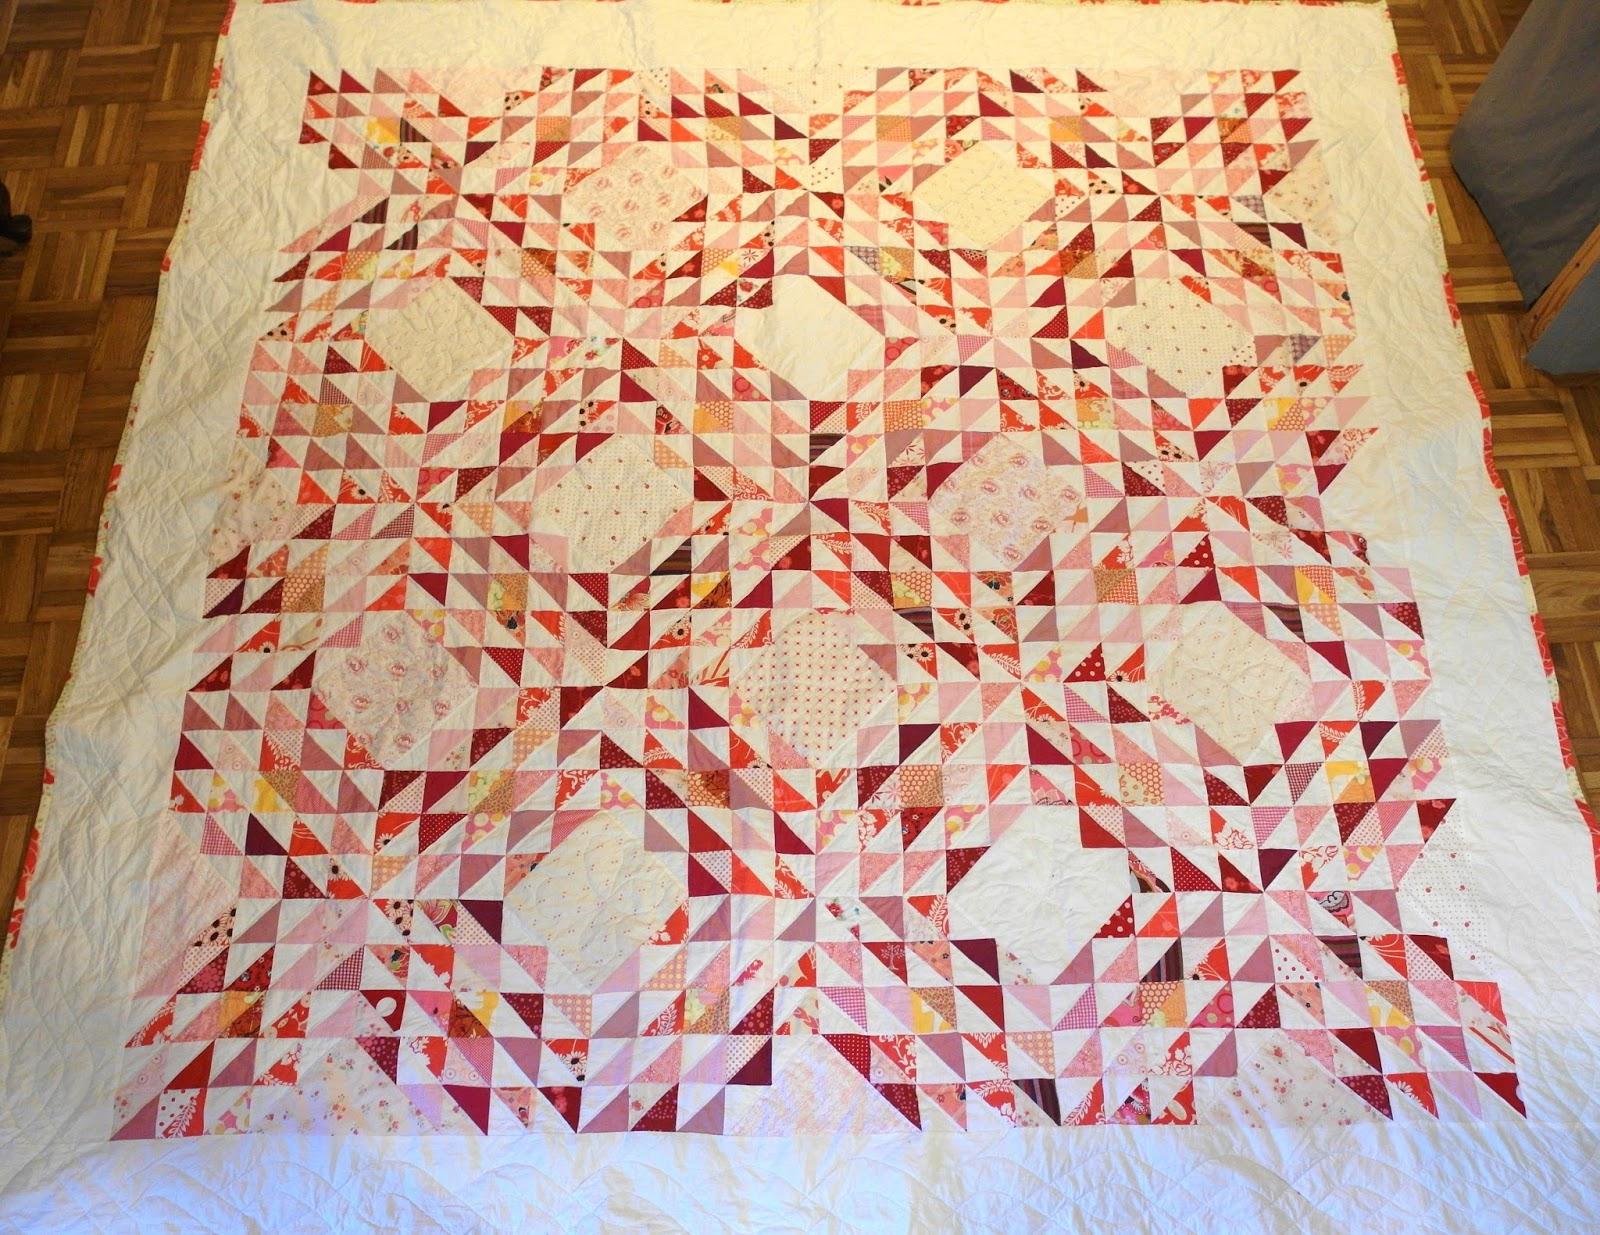 sewing addicted naehsucht r ckblick 39 15 ausblick 39 16 und ein neuer quilt. Black Bedroom Furniture Sets. Home Design Ideas